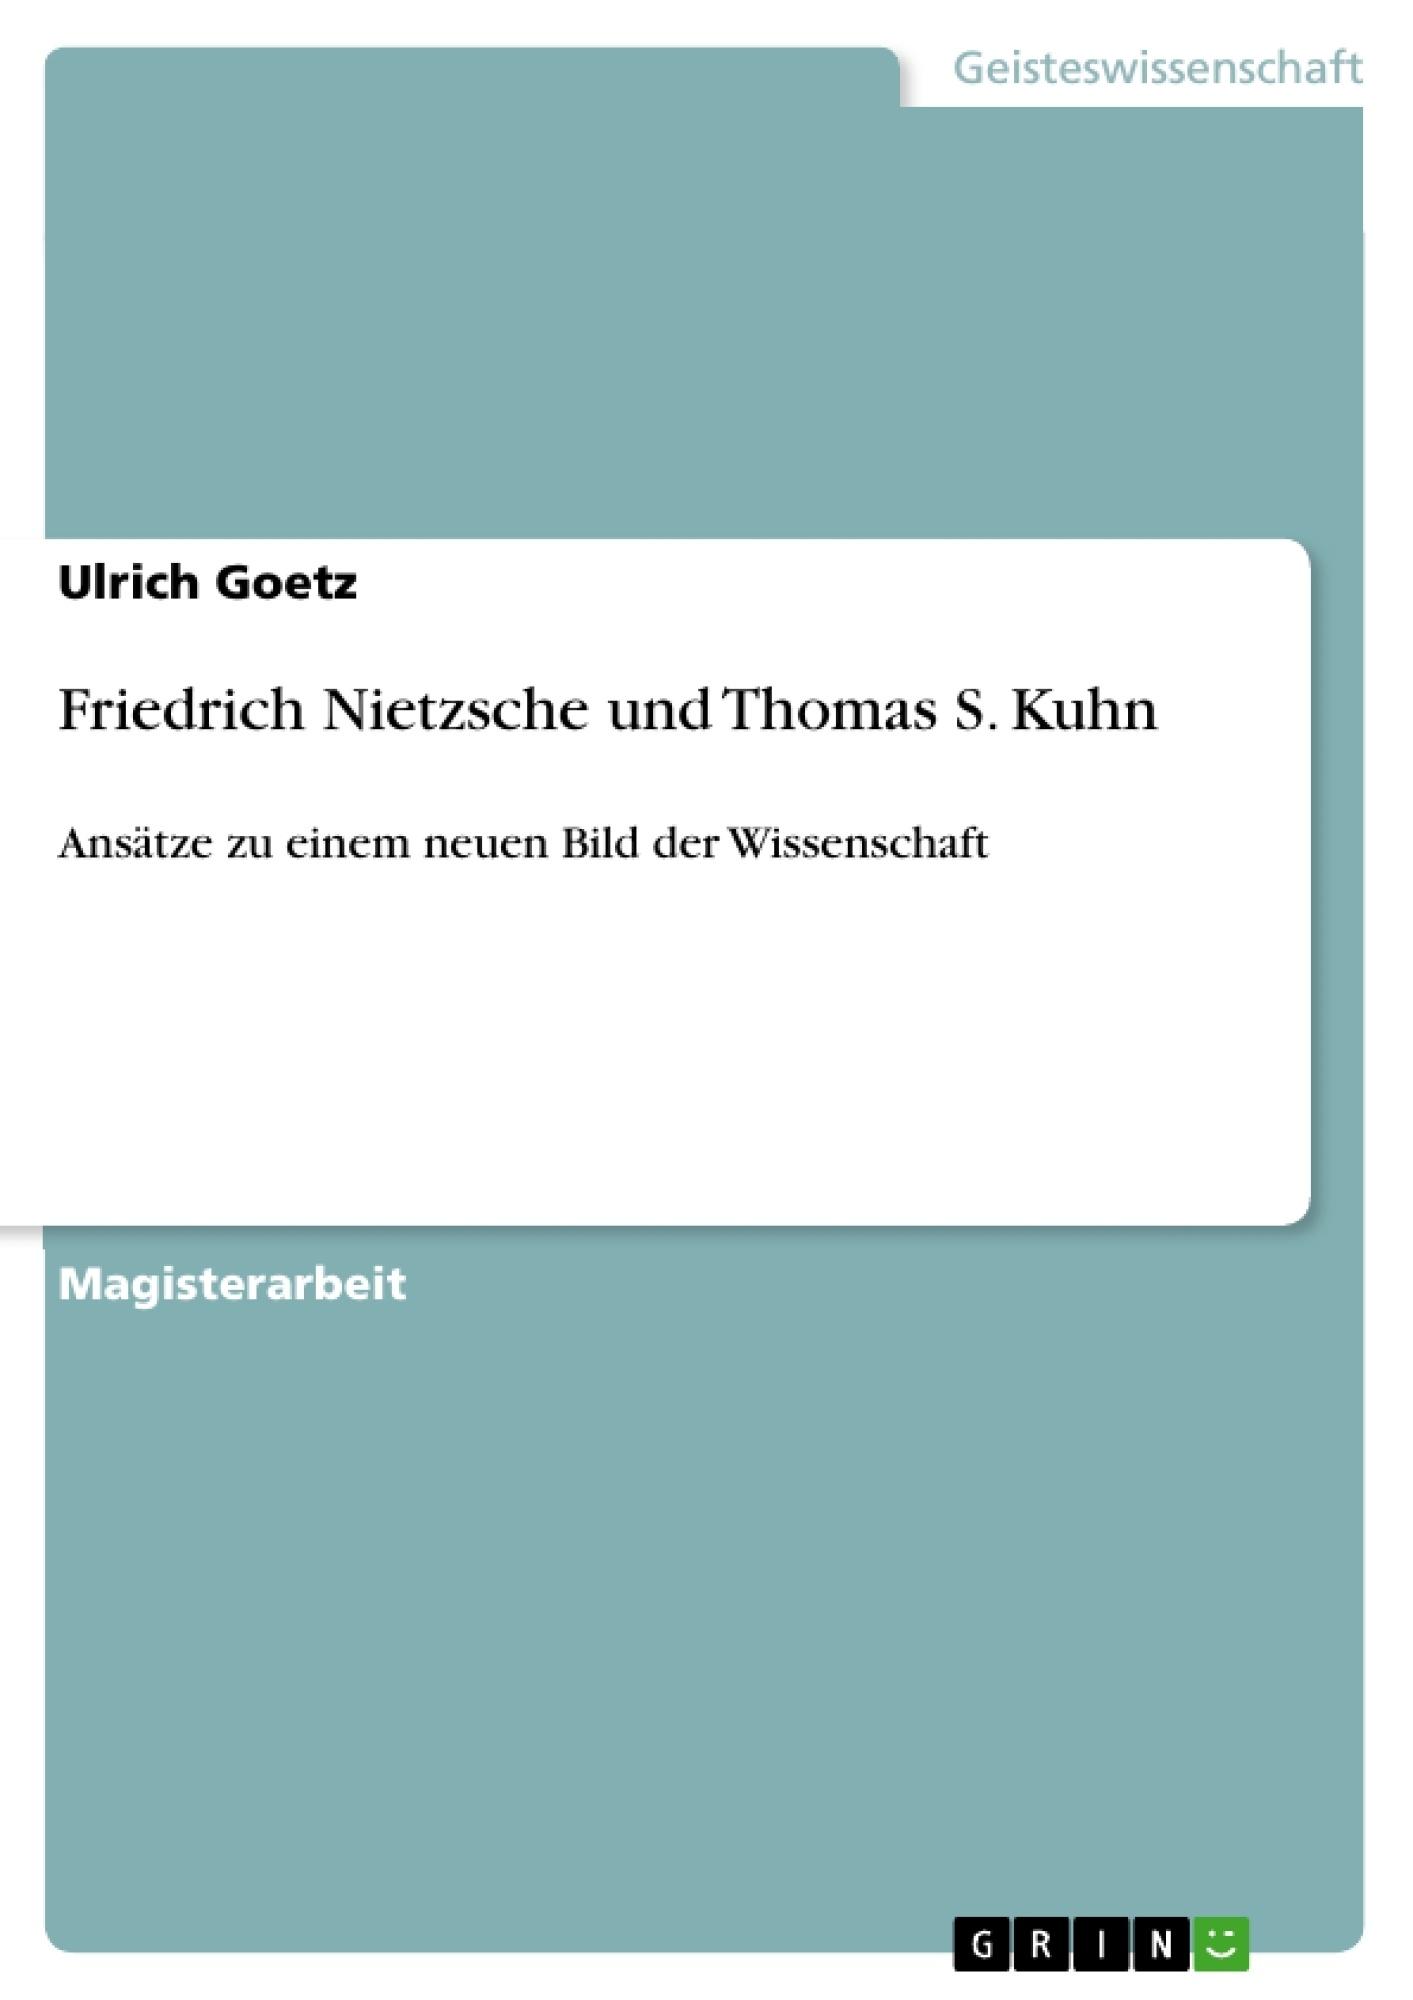 Titel: Friedrich Nietzsche und Thomas S. Kuhn